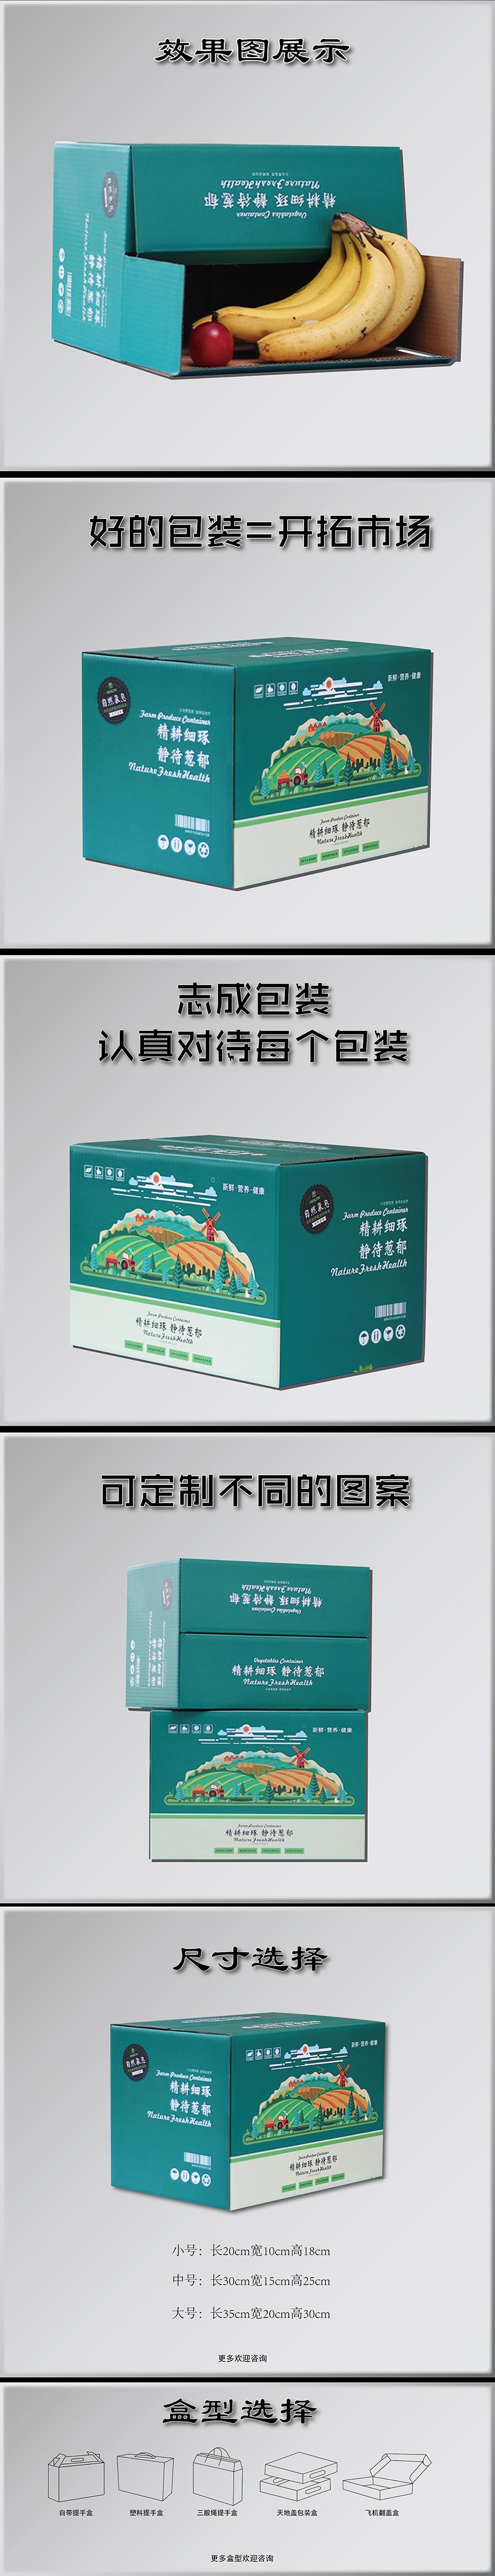 水果农产品彩箱-01.jpg